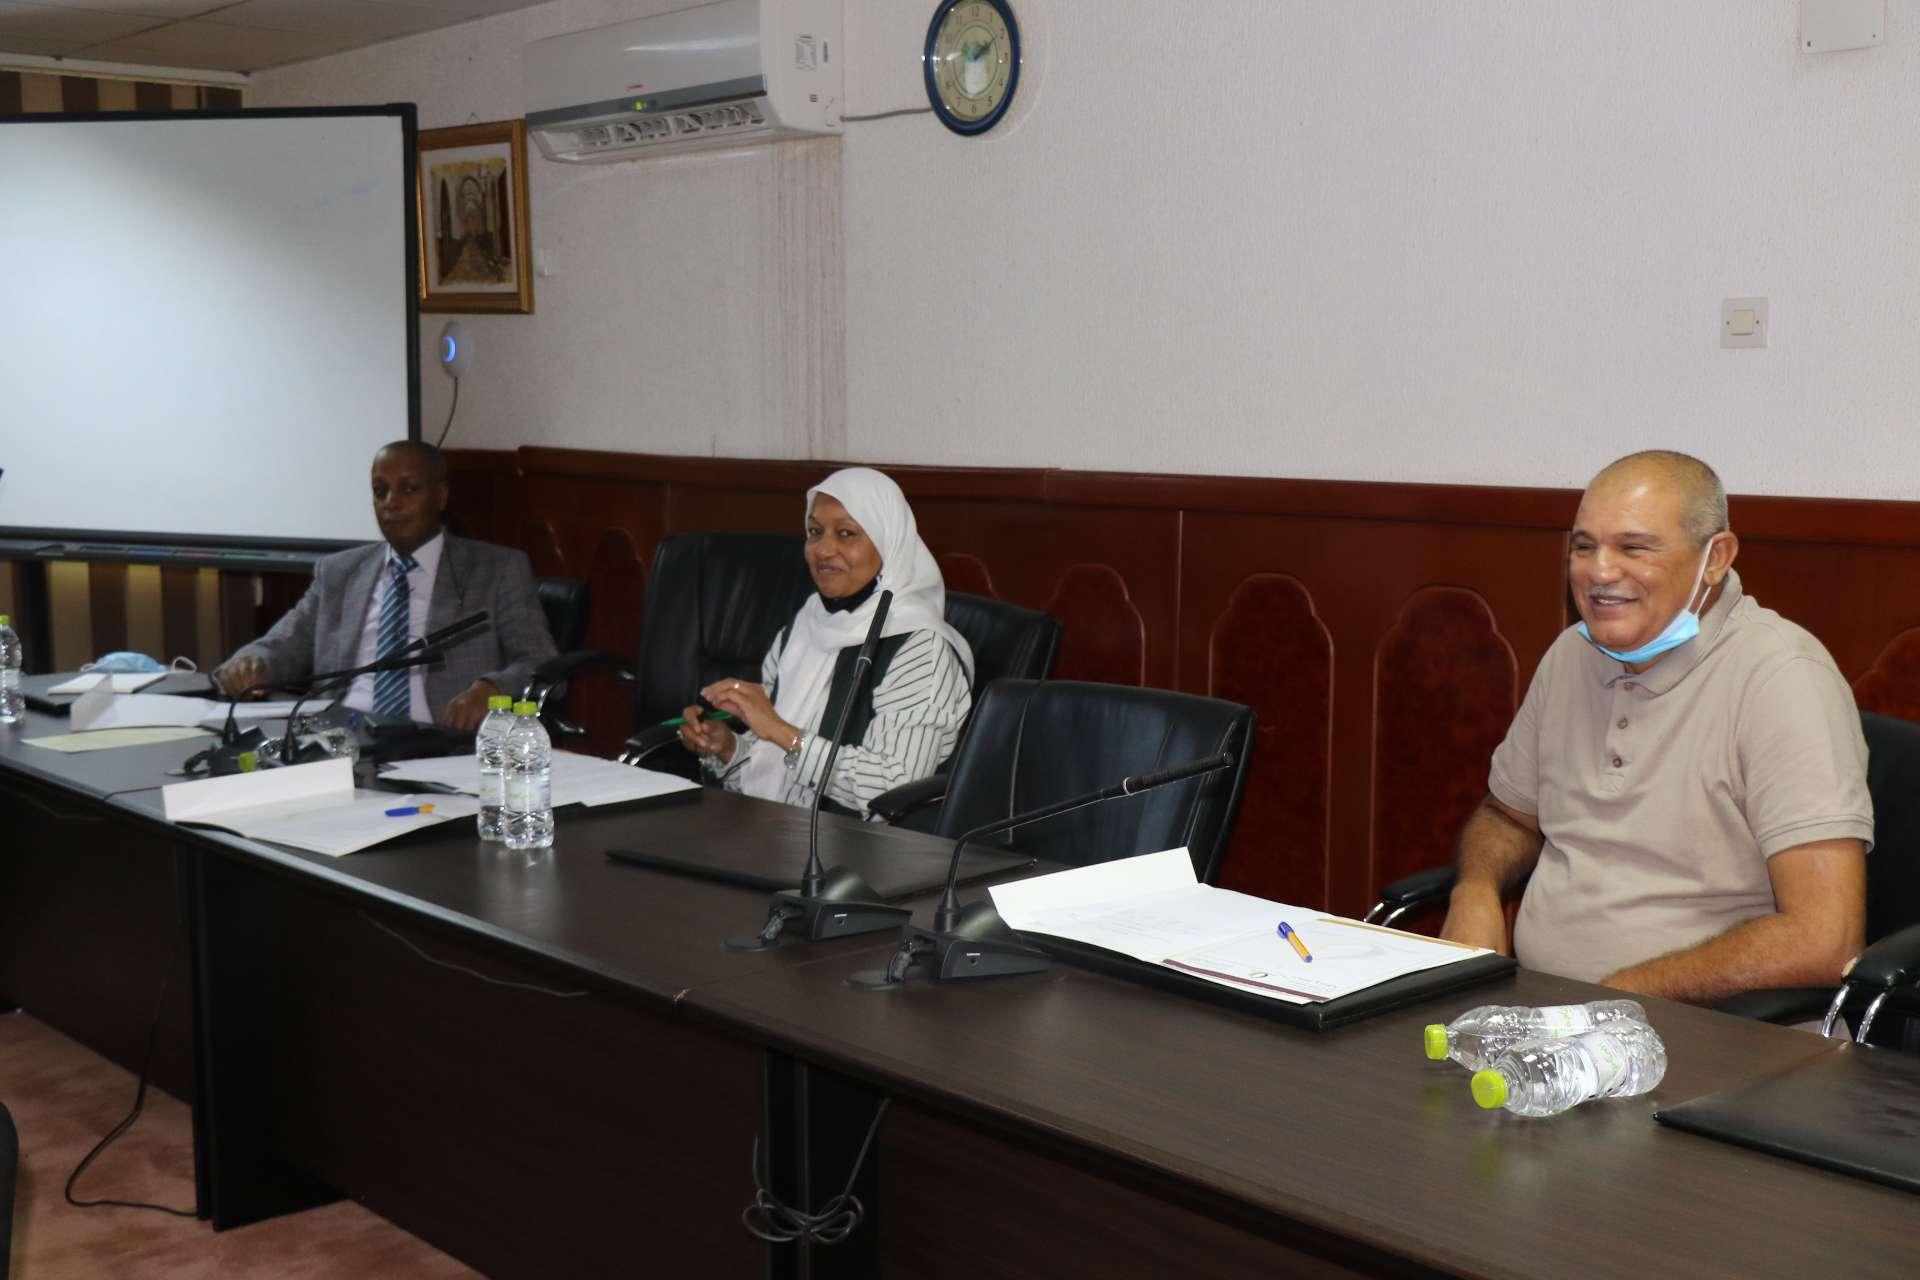 دراسة مقترح استحداث مدرسة العلوم الطبية بالأكاديمية الليبية.